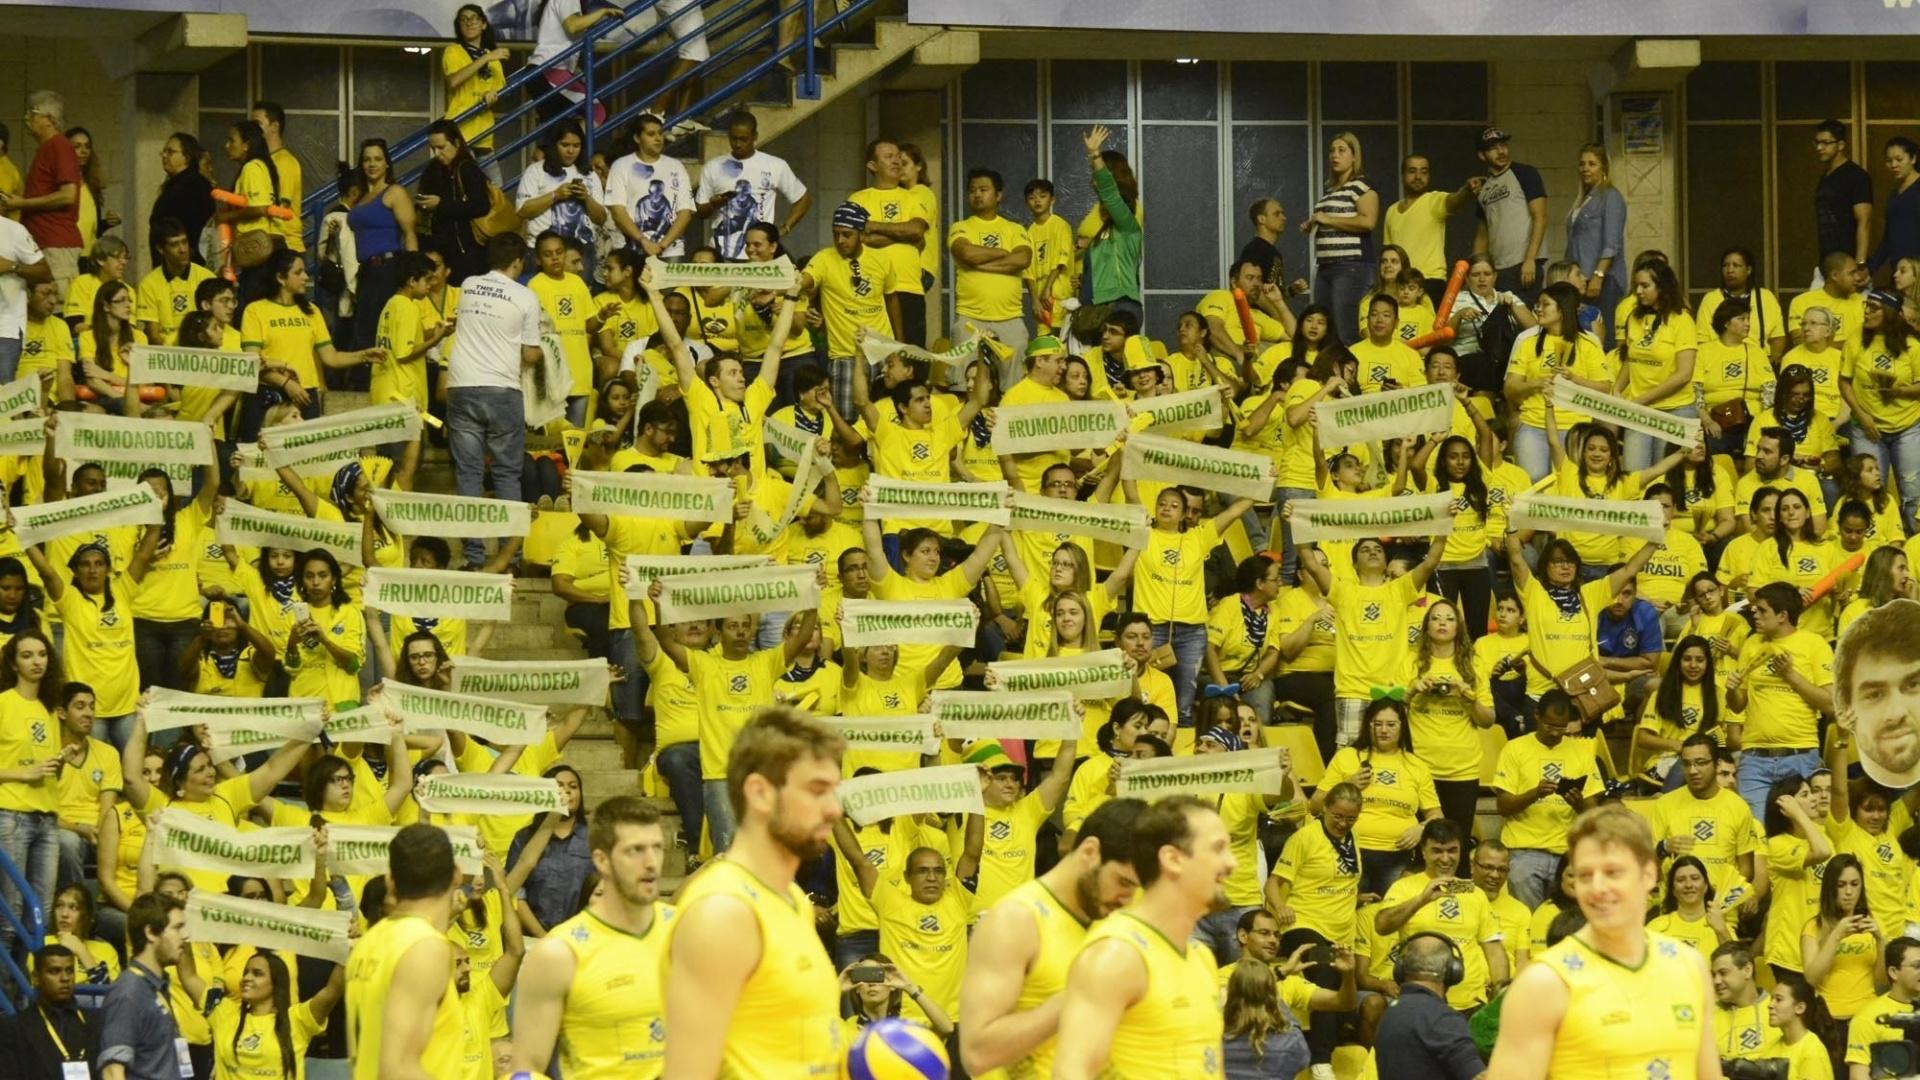 Mais uma vez a torcida não decepcionou e lotou o ginásio em São Bernardo do Campo